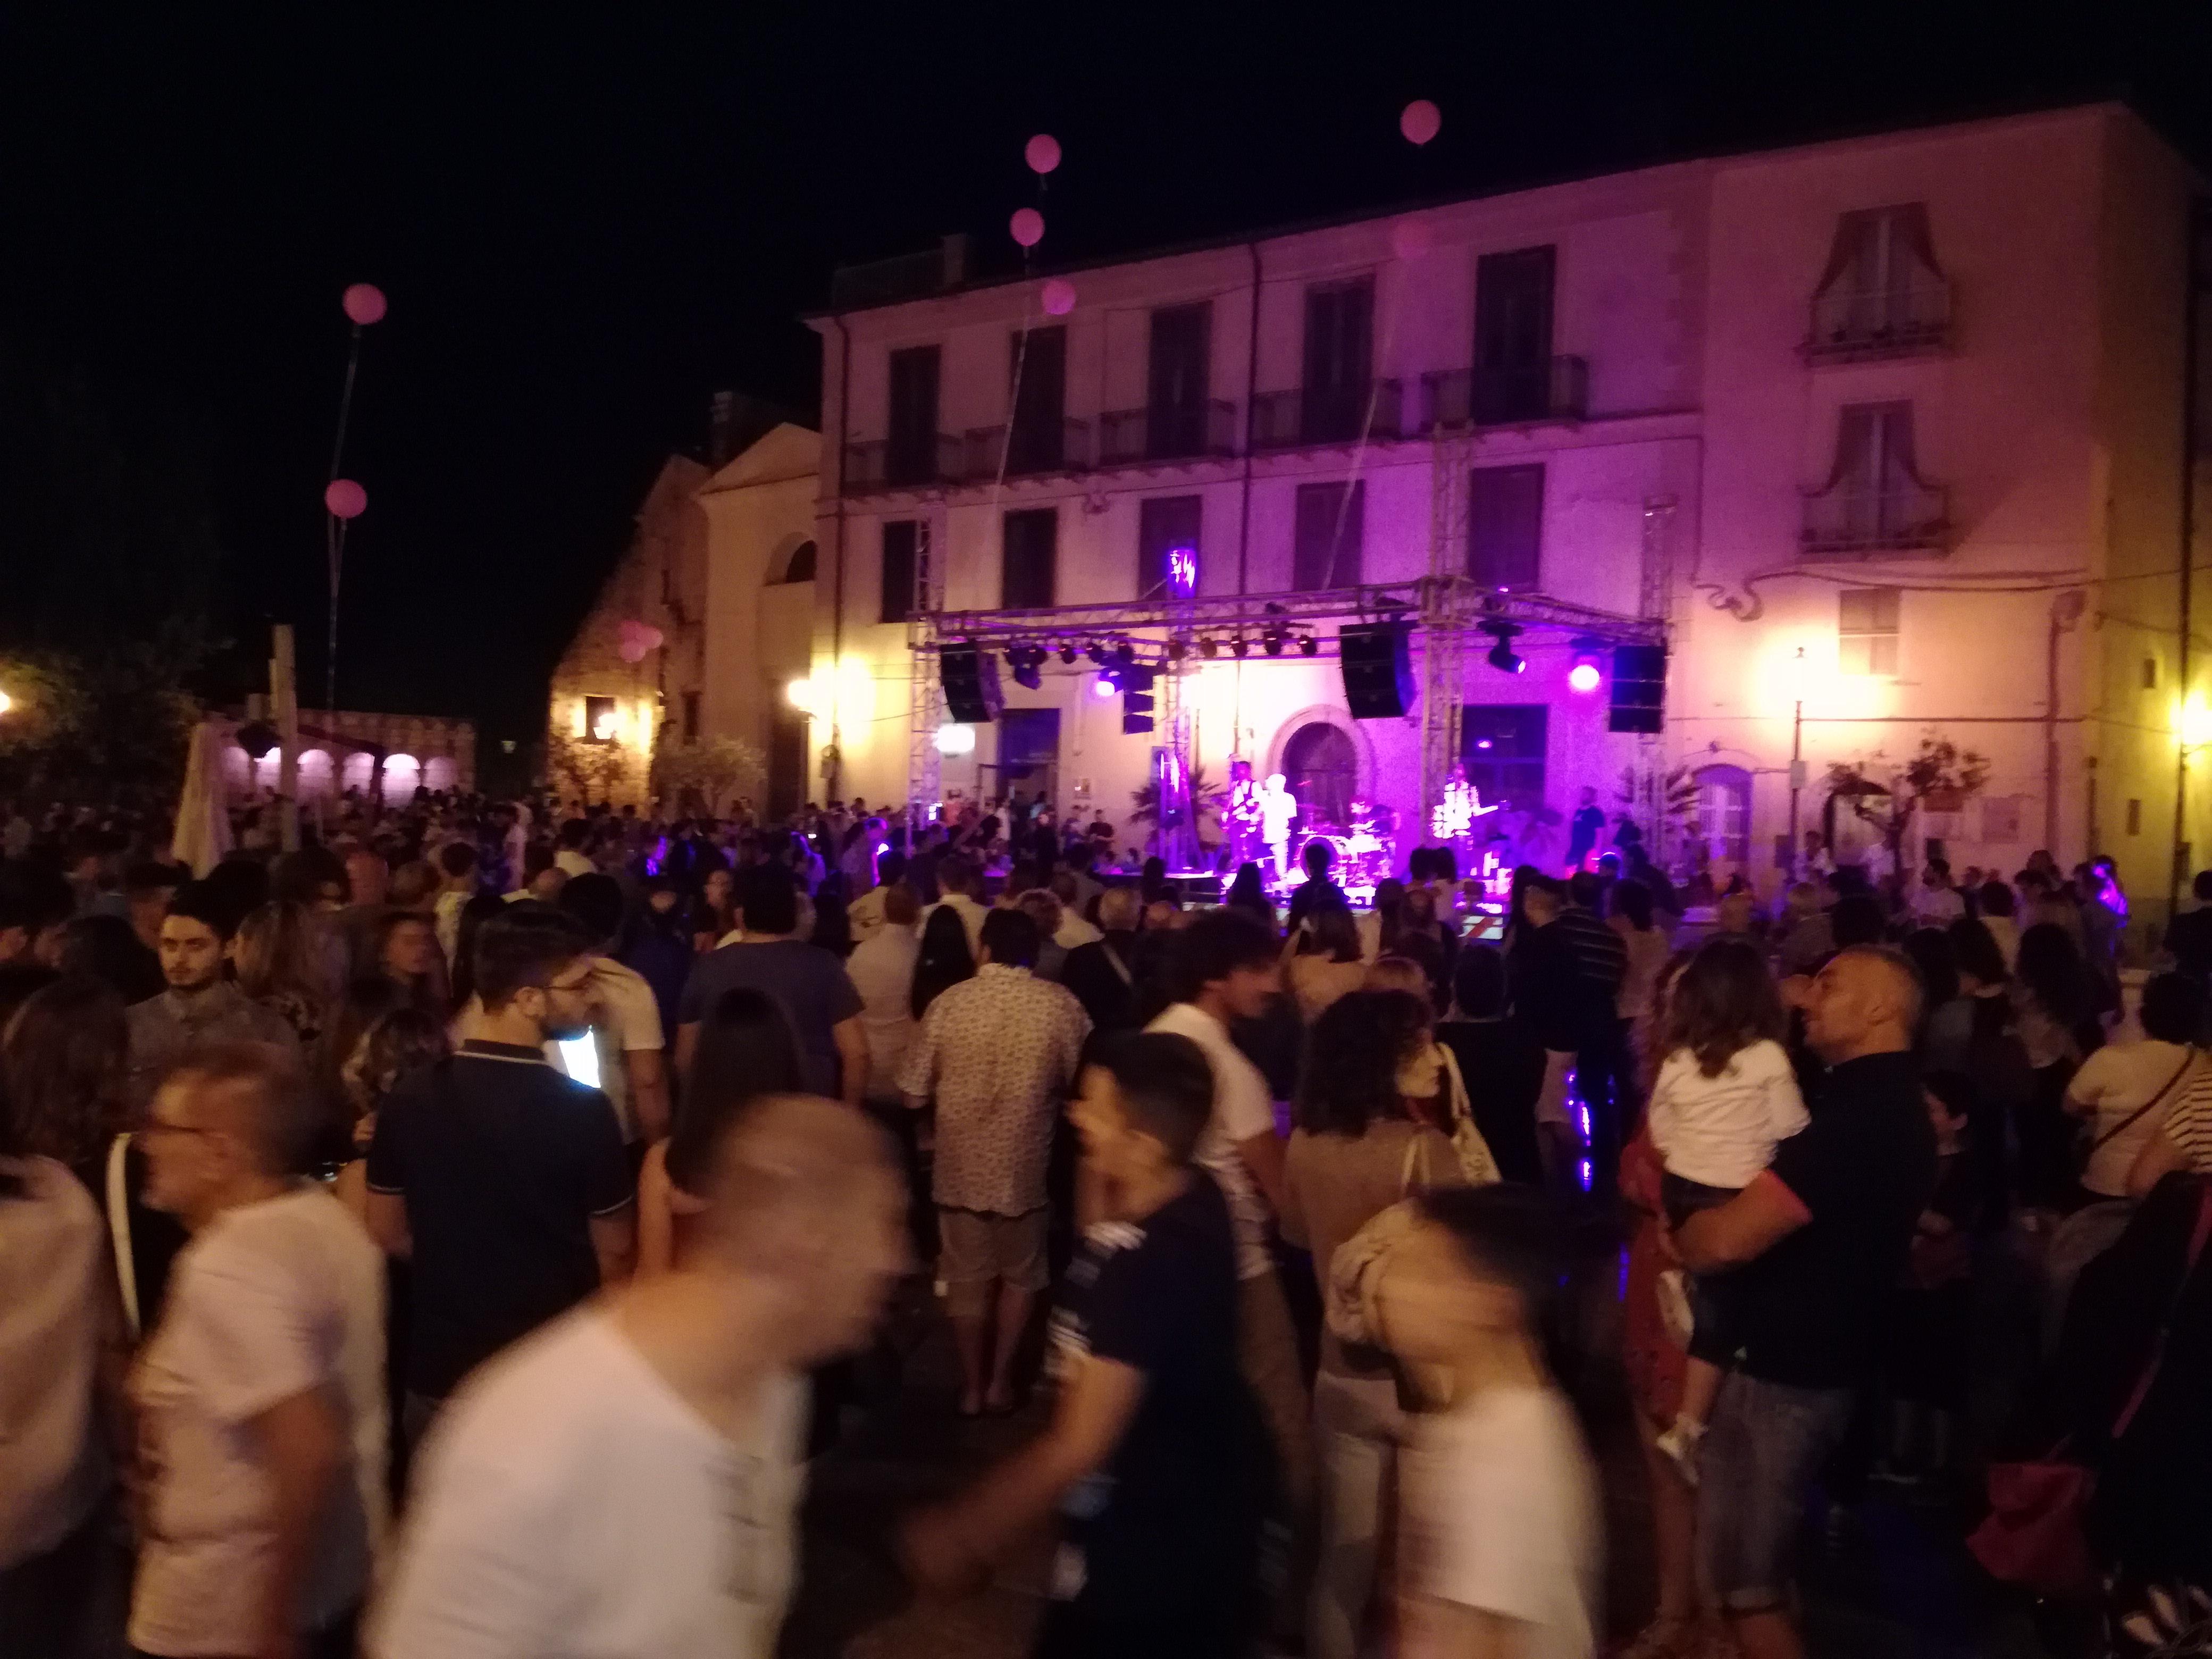 Isernia : la notte Rosa ha stupito. In migliaia ieri sera nel centro storico pentro.